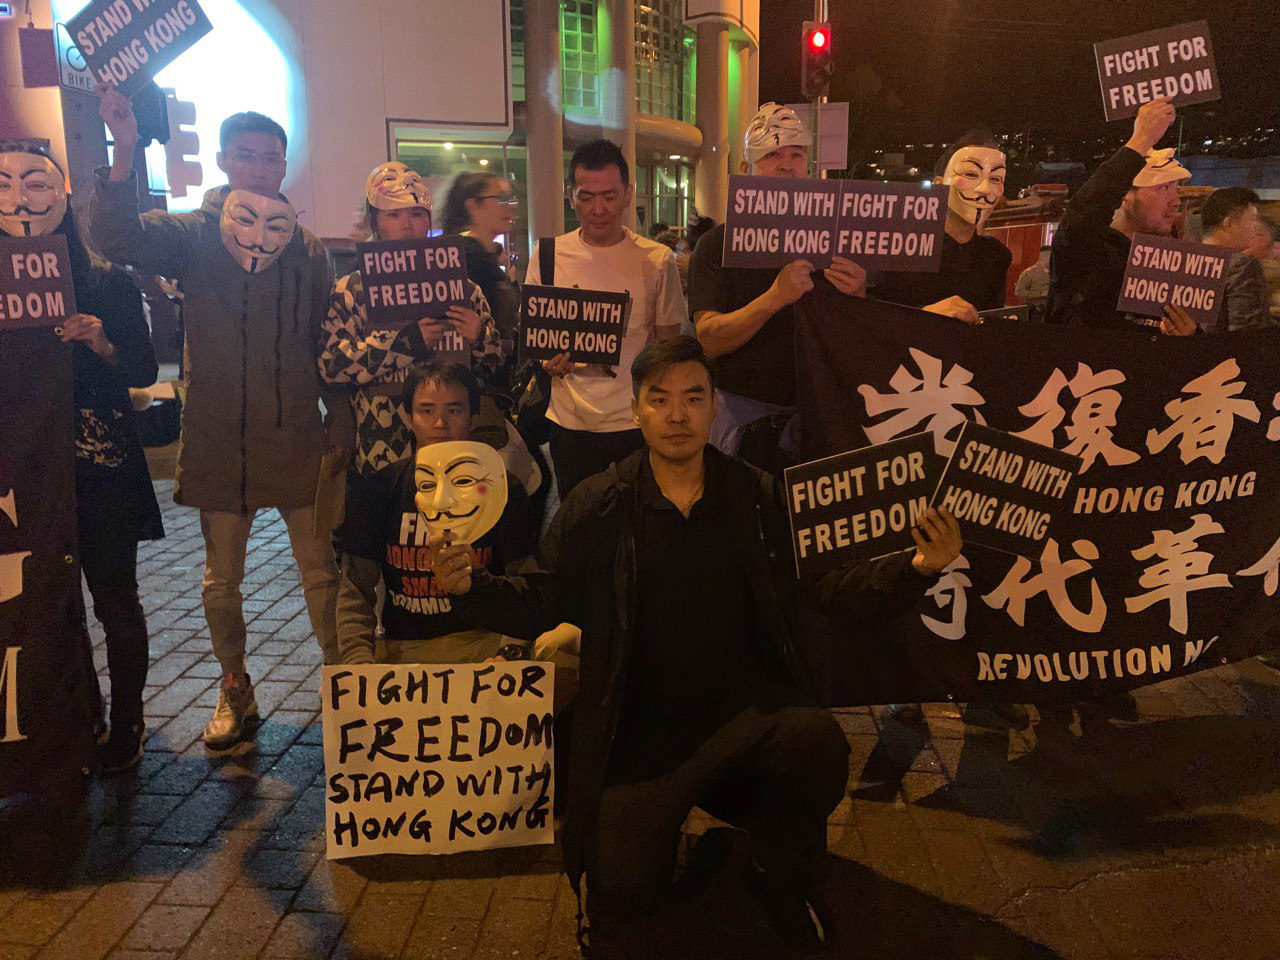 10月31日,作者參與組織了西荷里活萬聖節撐香港活動。(作者提供)